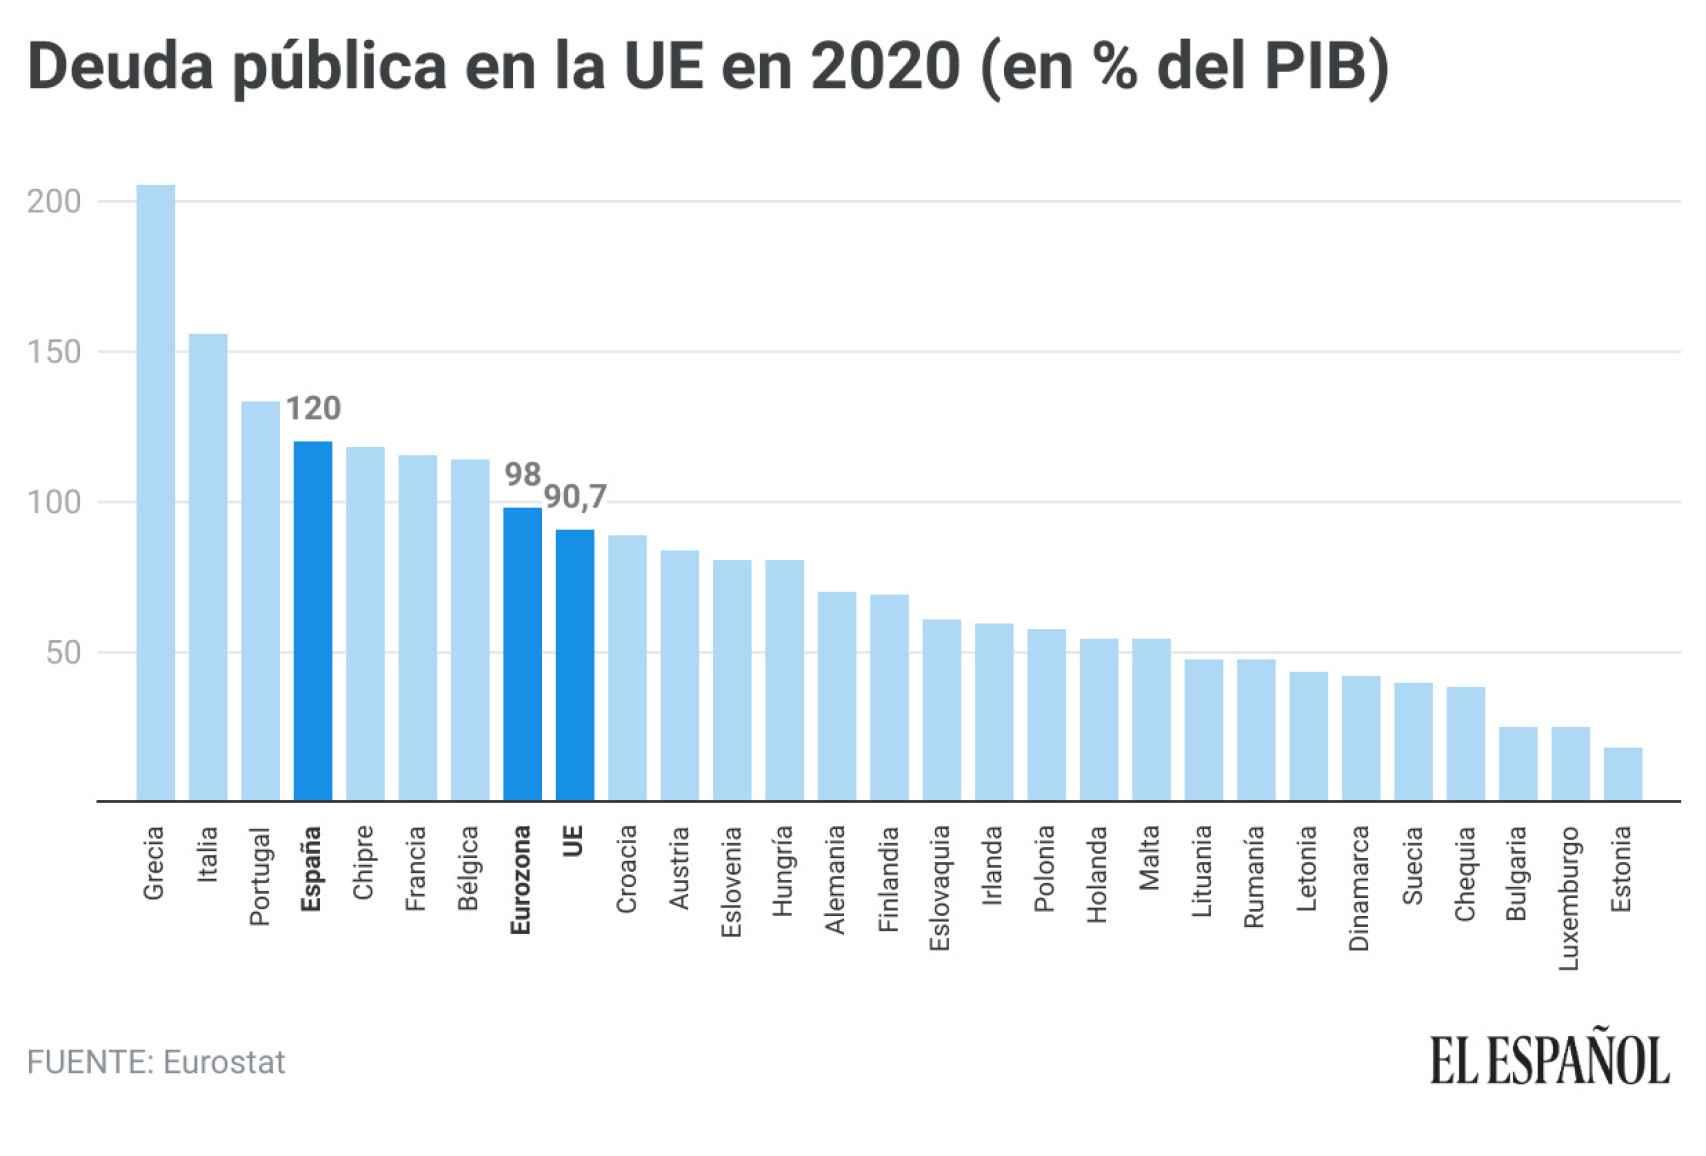 Deuda pública en la UE